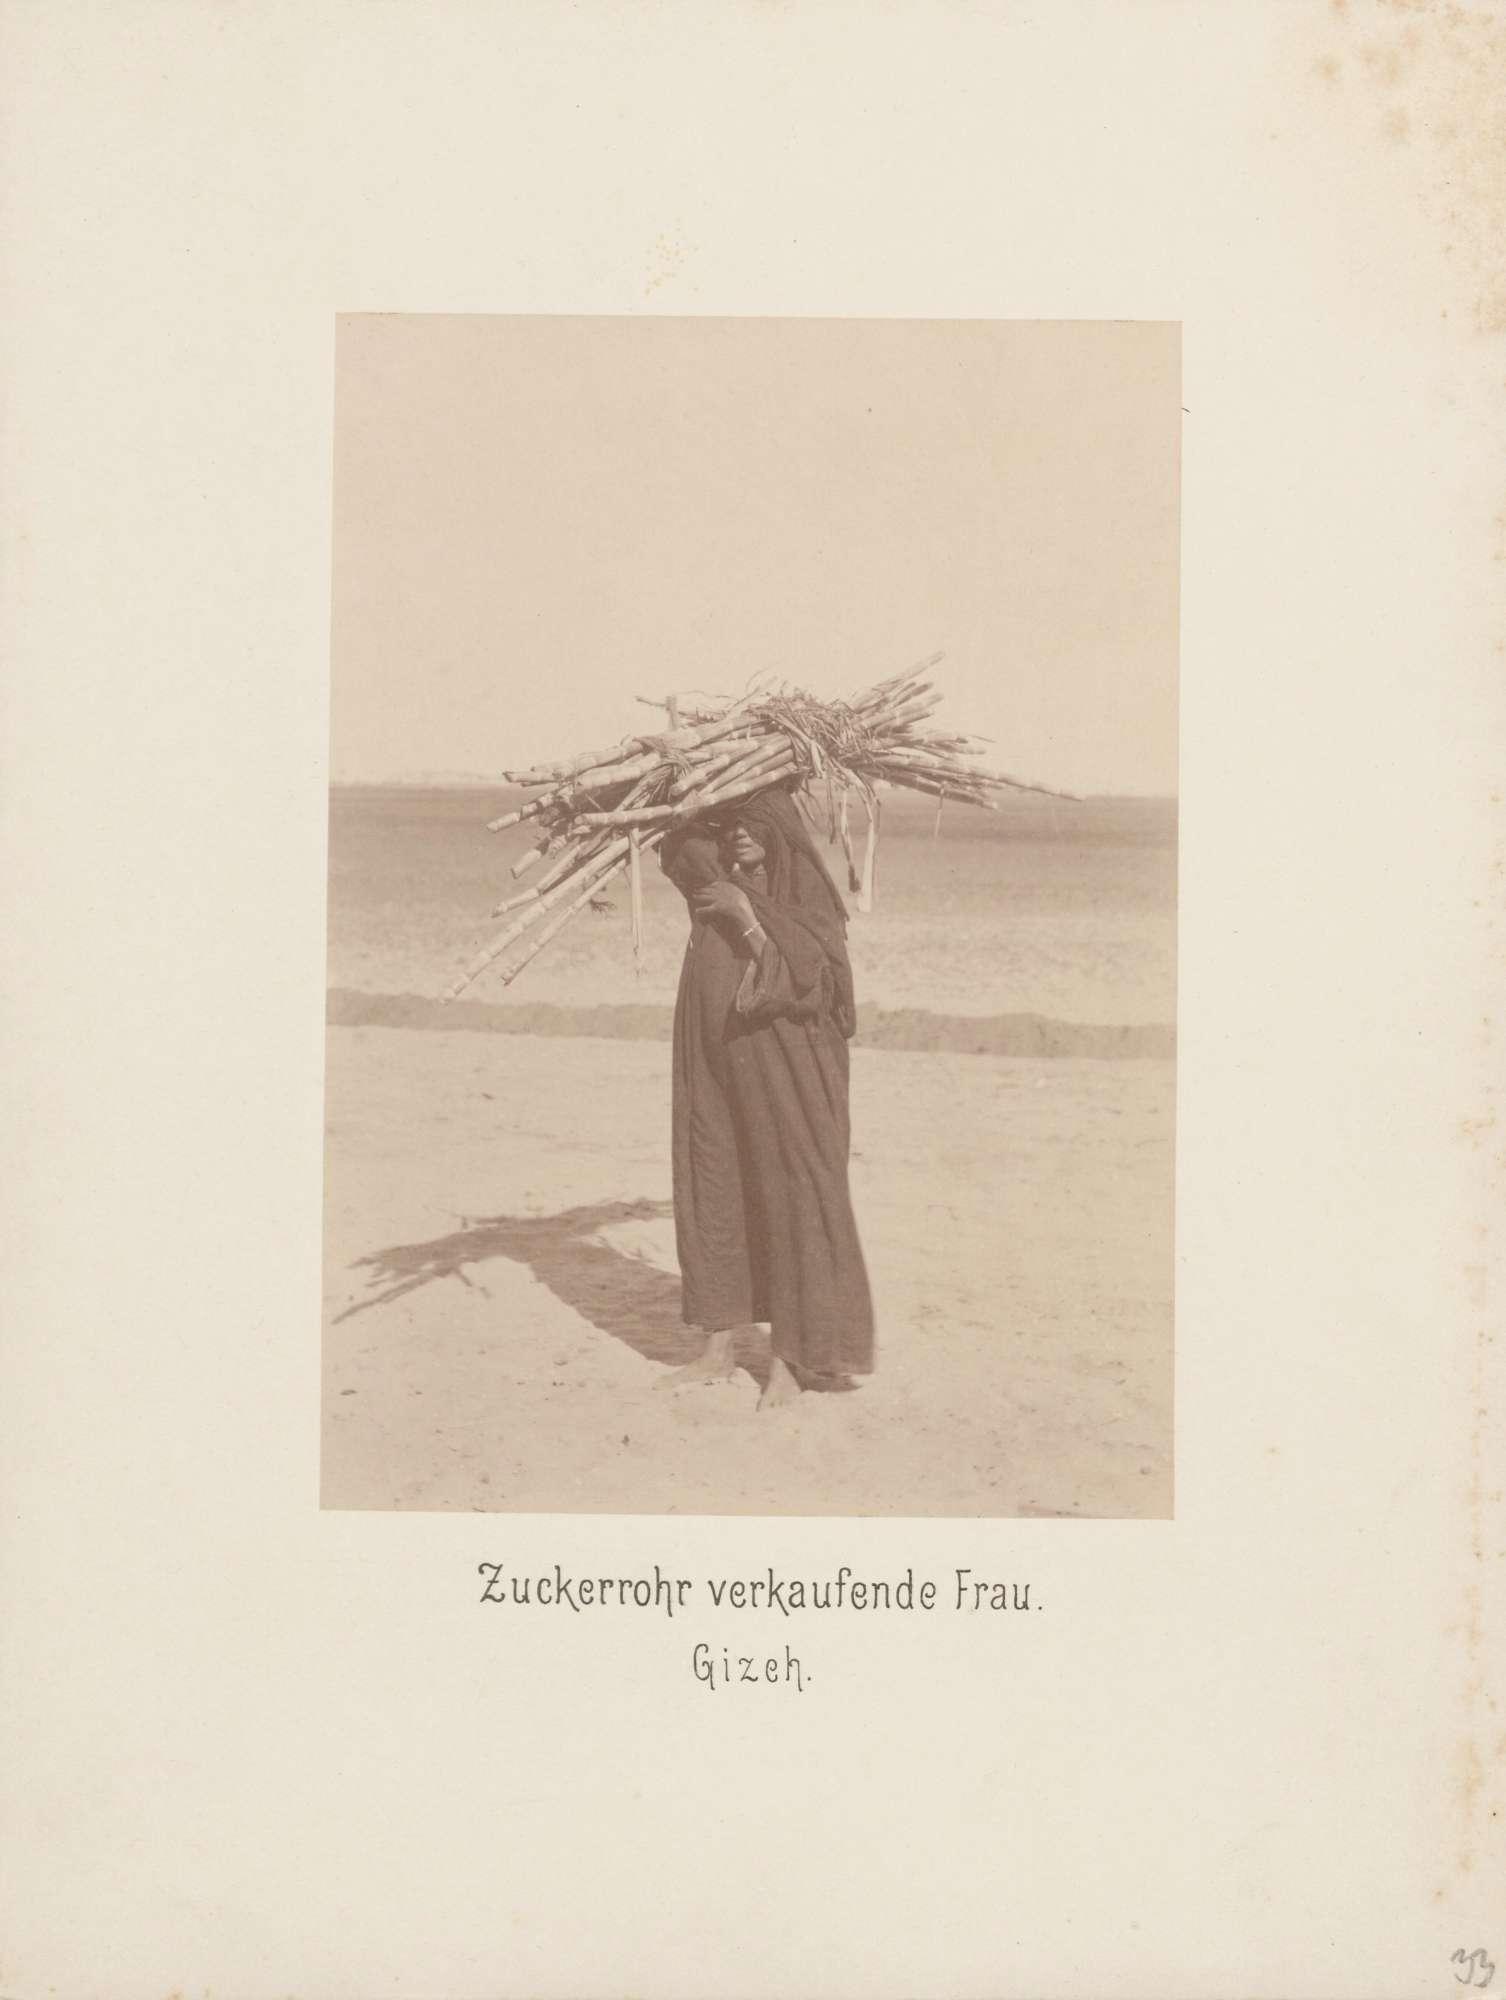 Zuckerrohr verkaufende Frau in Gizeh in Ägypten, Bild 1